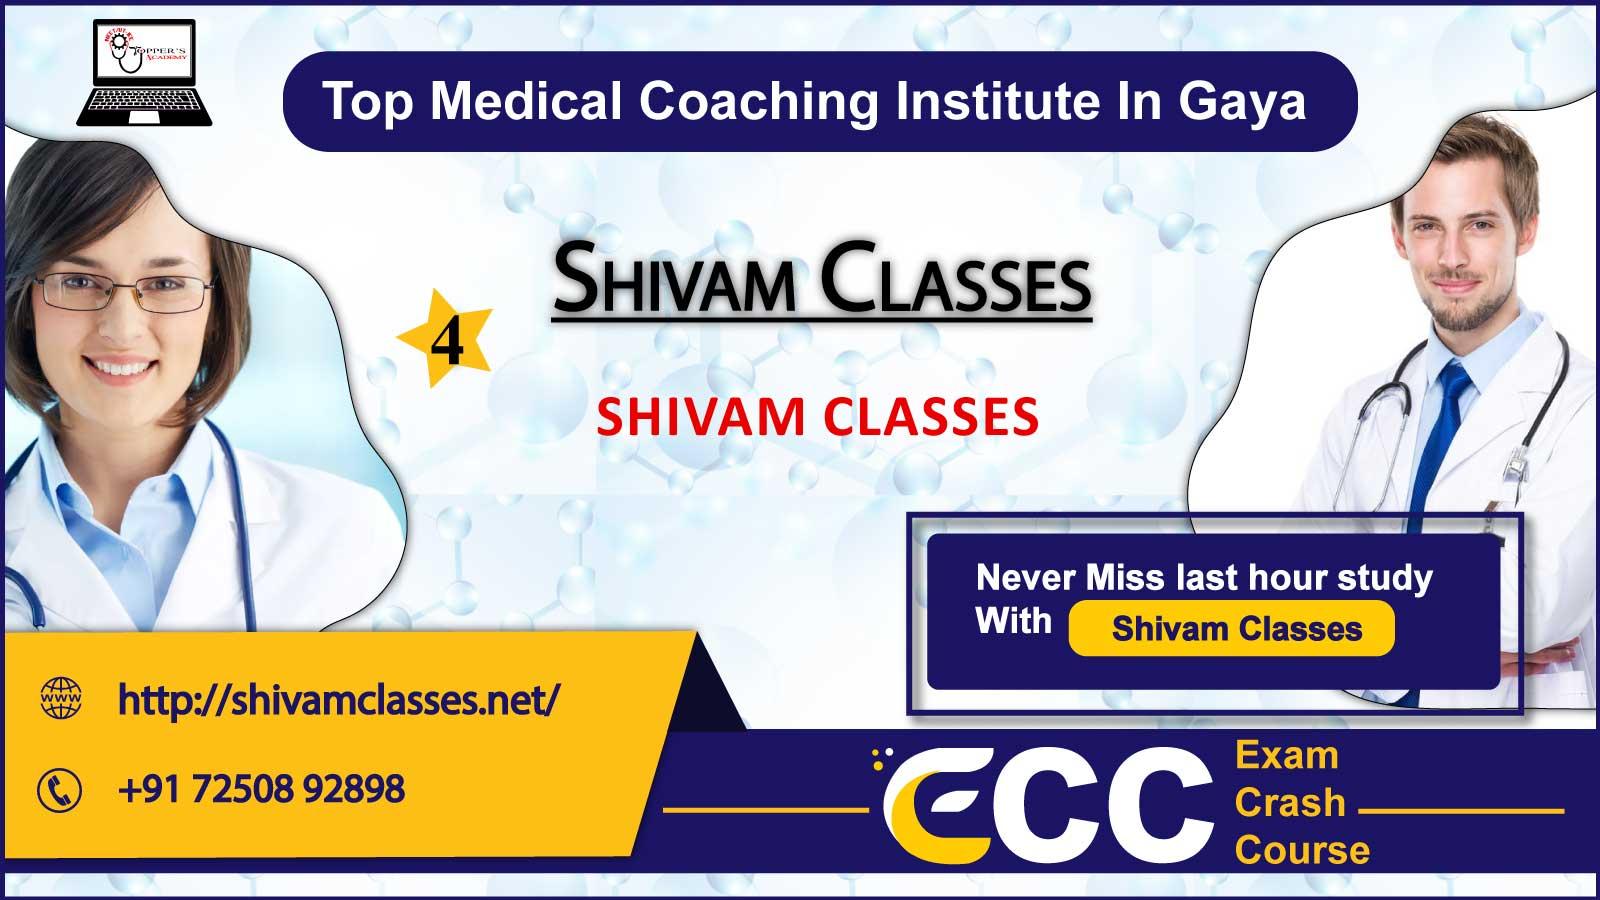 Shivam NEET Classes In Gaya